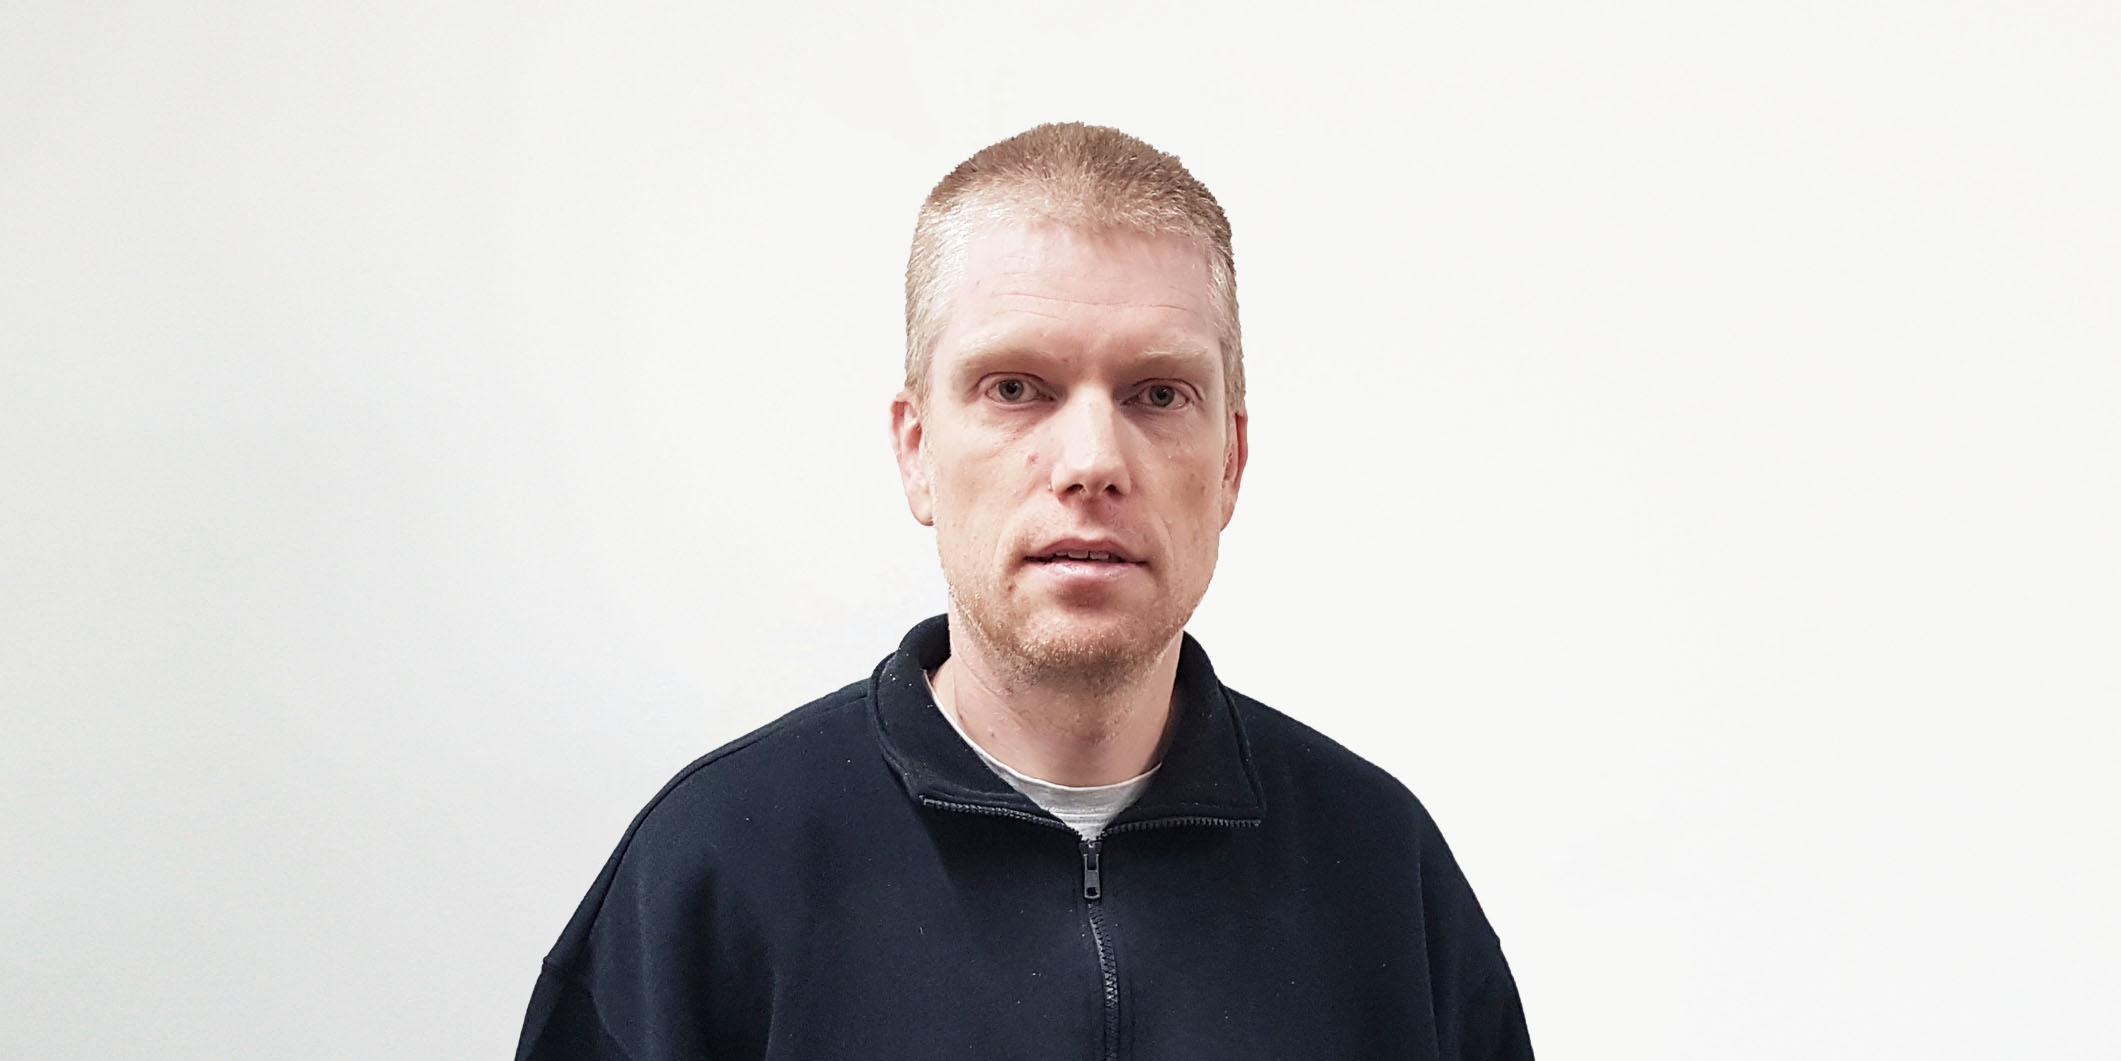 Ansatt i SGP Armatec Asbjørn Olav Sneve Halonen